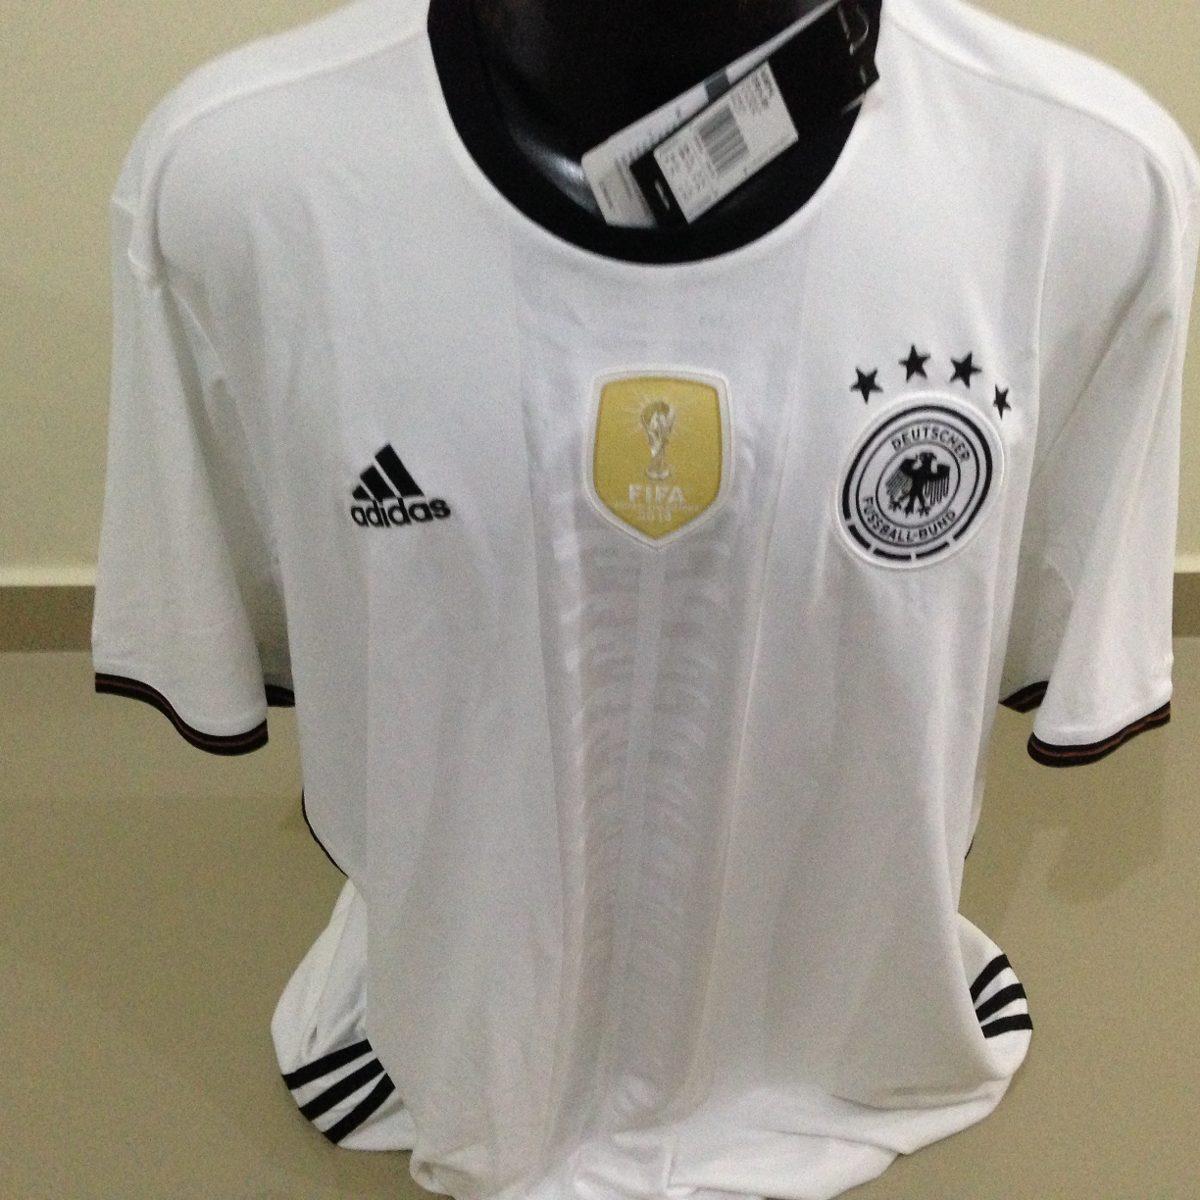 Camisa Alemanha adidas - Tamanho  Gggg - R  120 c4e7e53601824